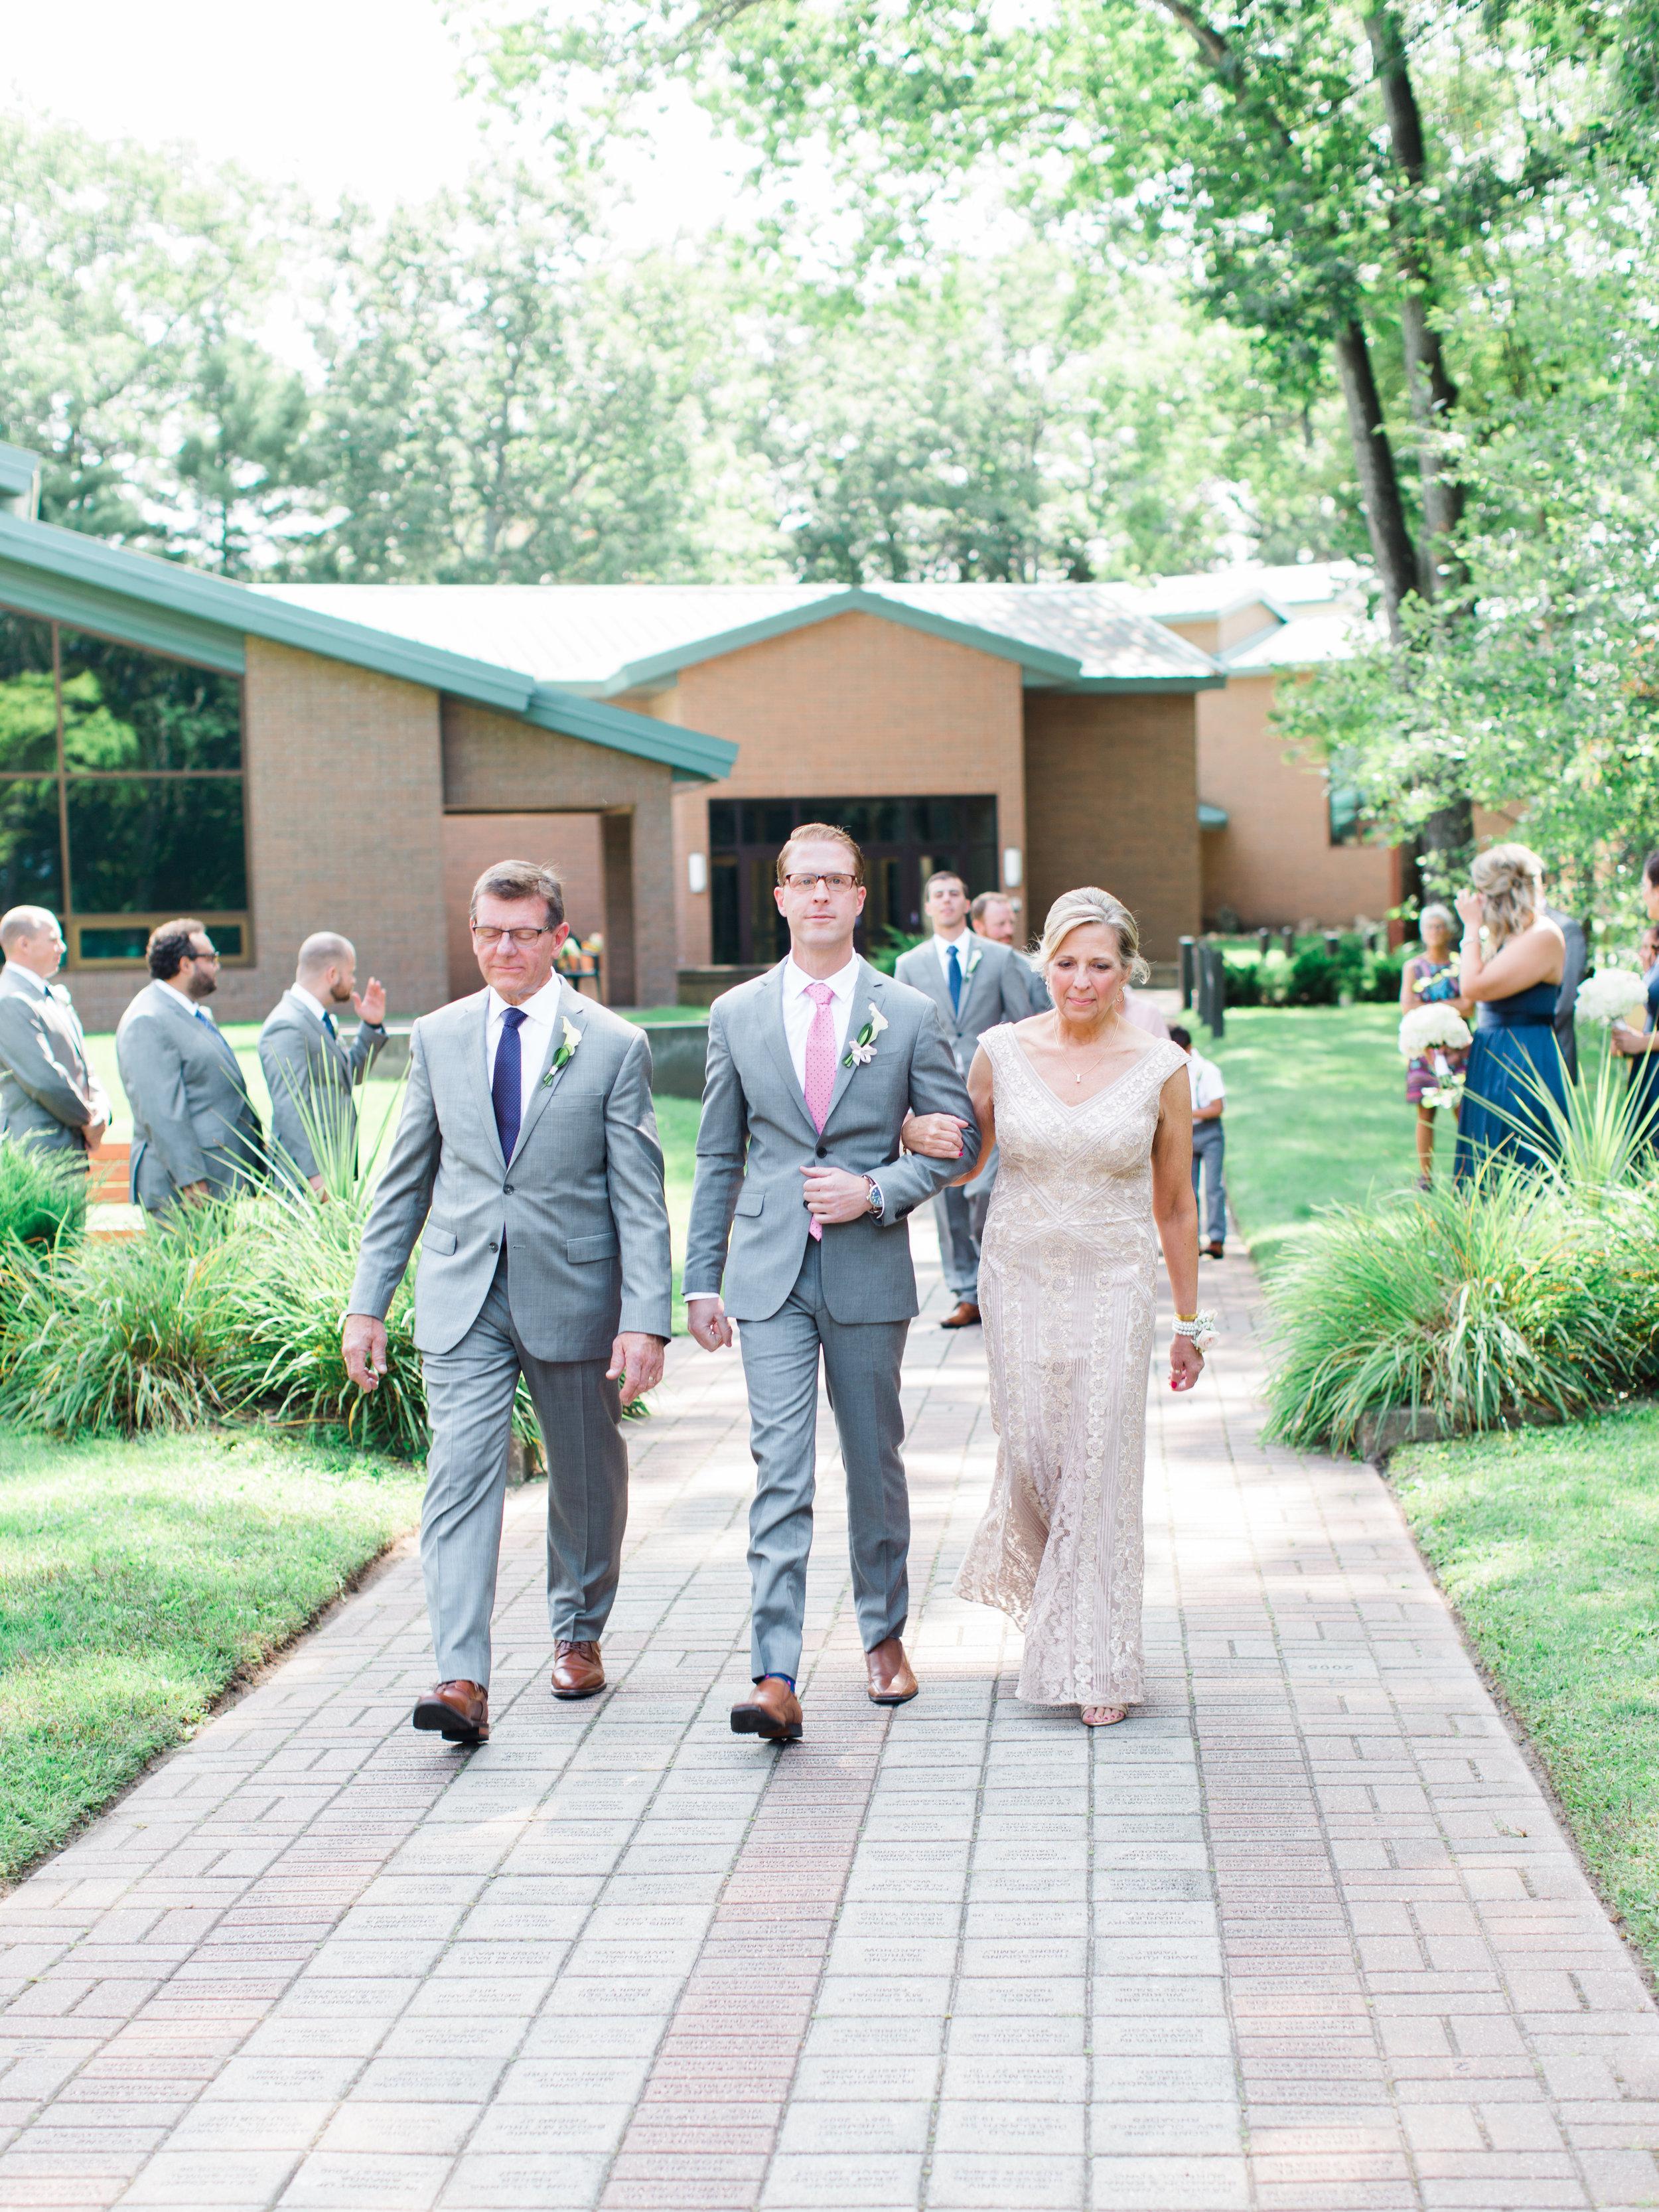 Kraft+Wedding+Ceremony-4.jpg